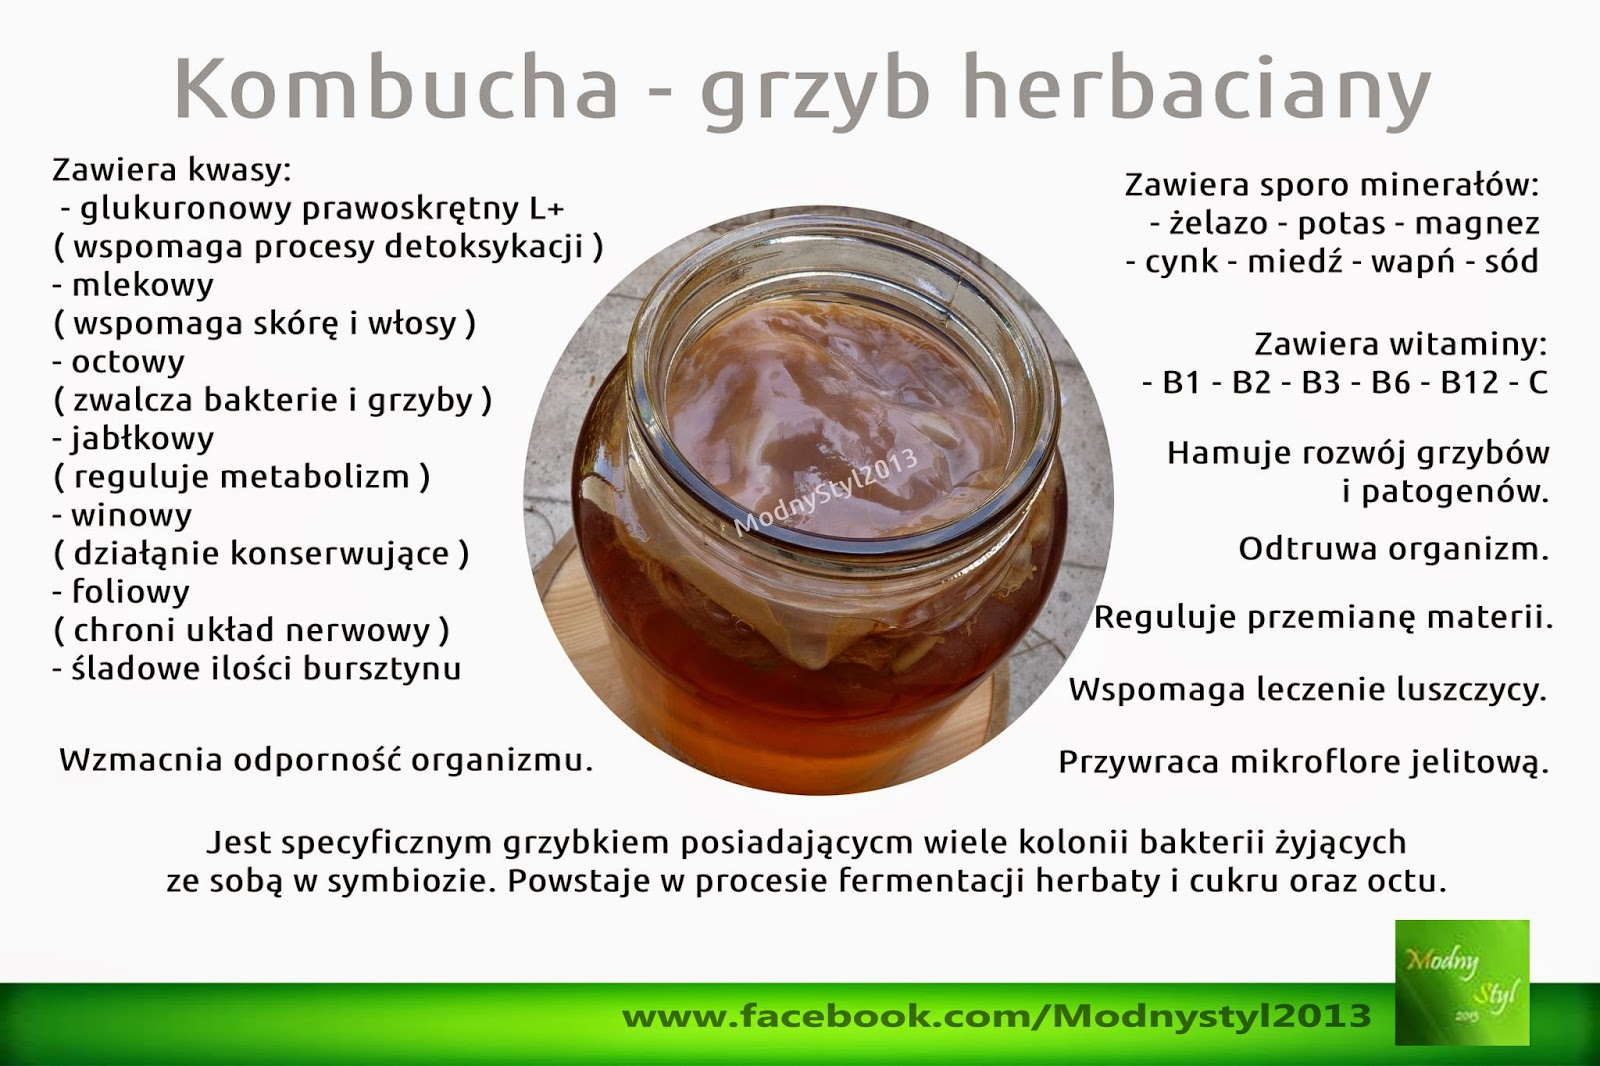 Kombucha czyli grzyb herbaciany